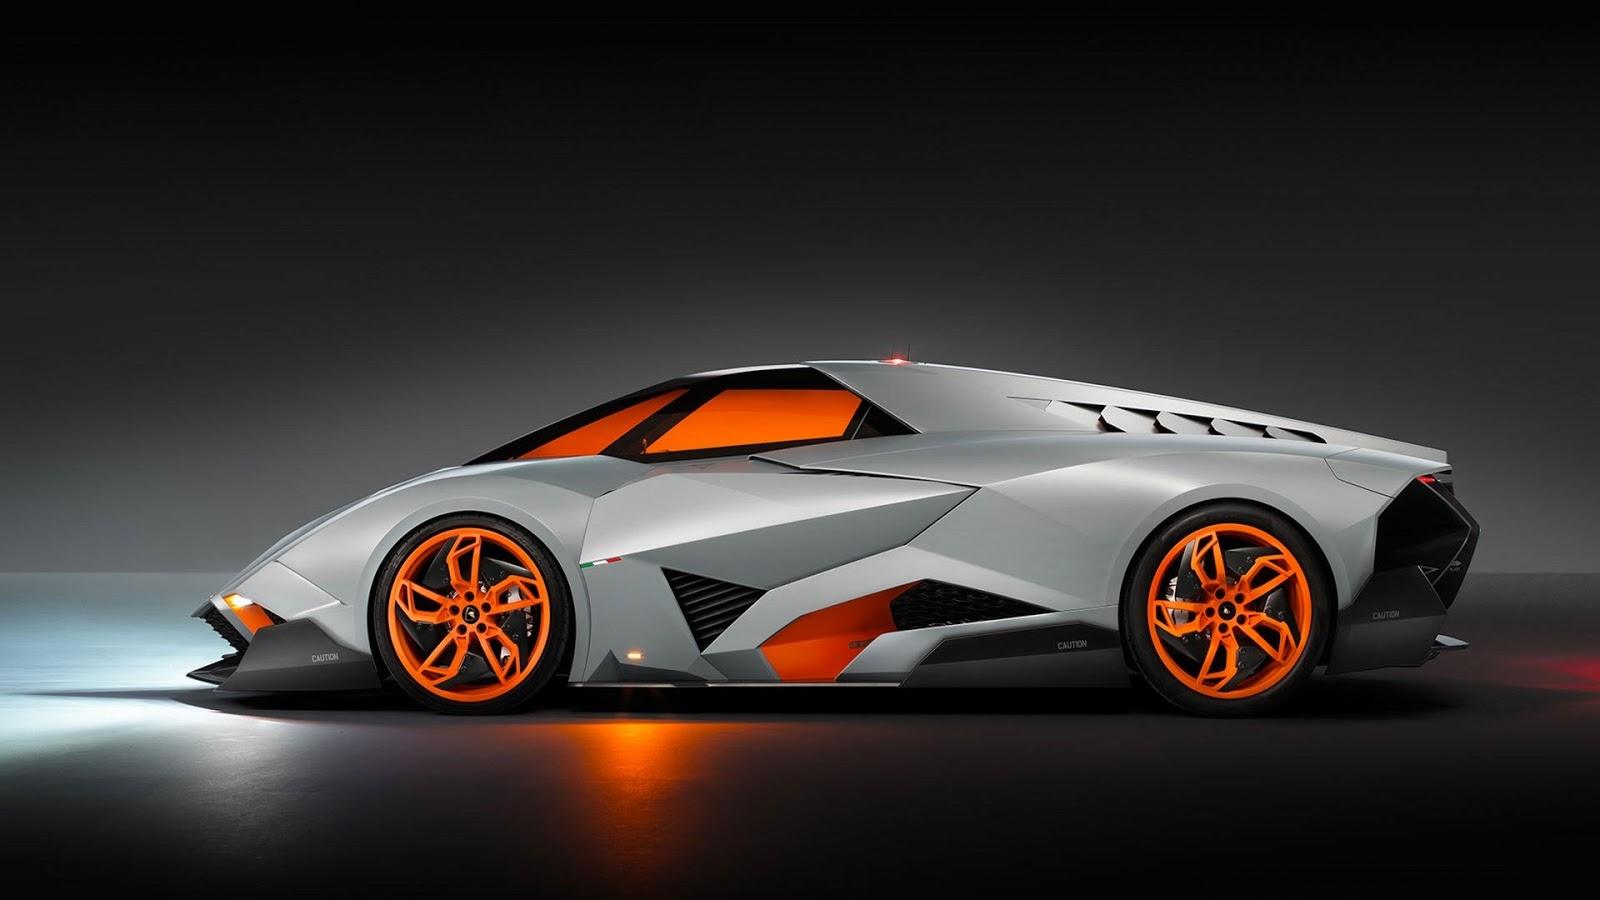 Lamborghini Egoista HD 1080p Resim |Hd Wallpapers